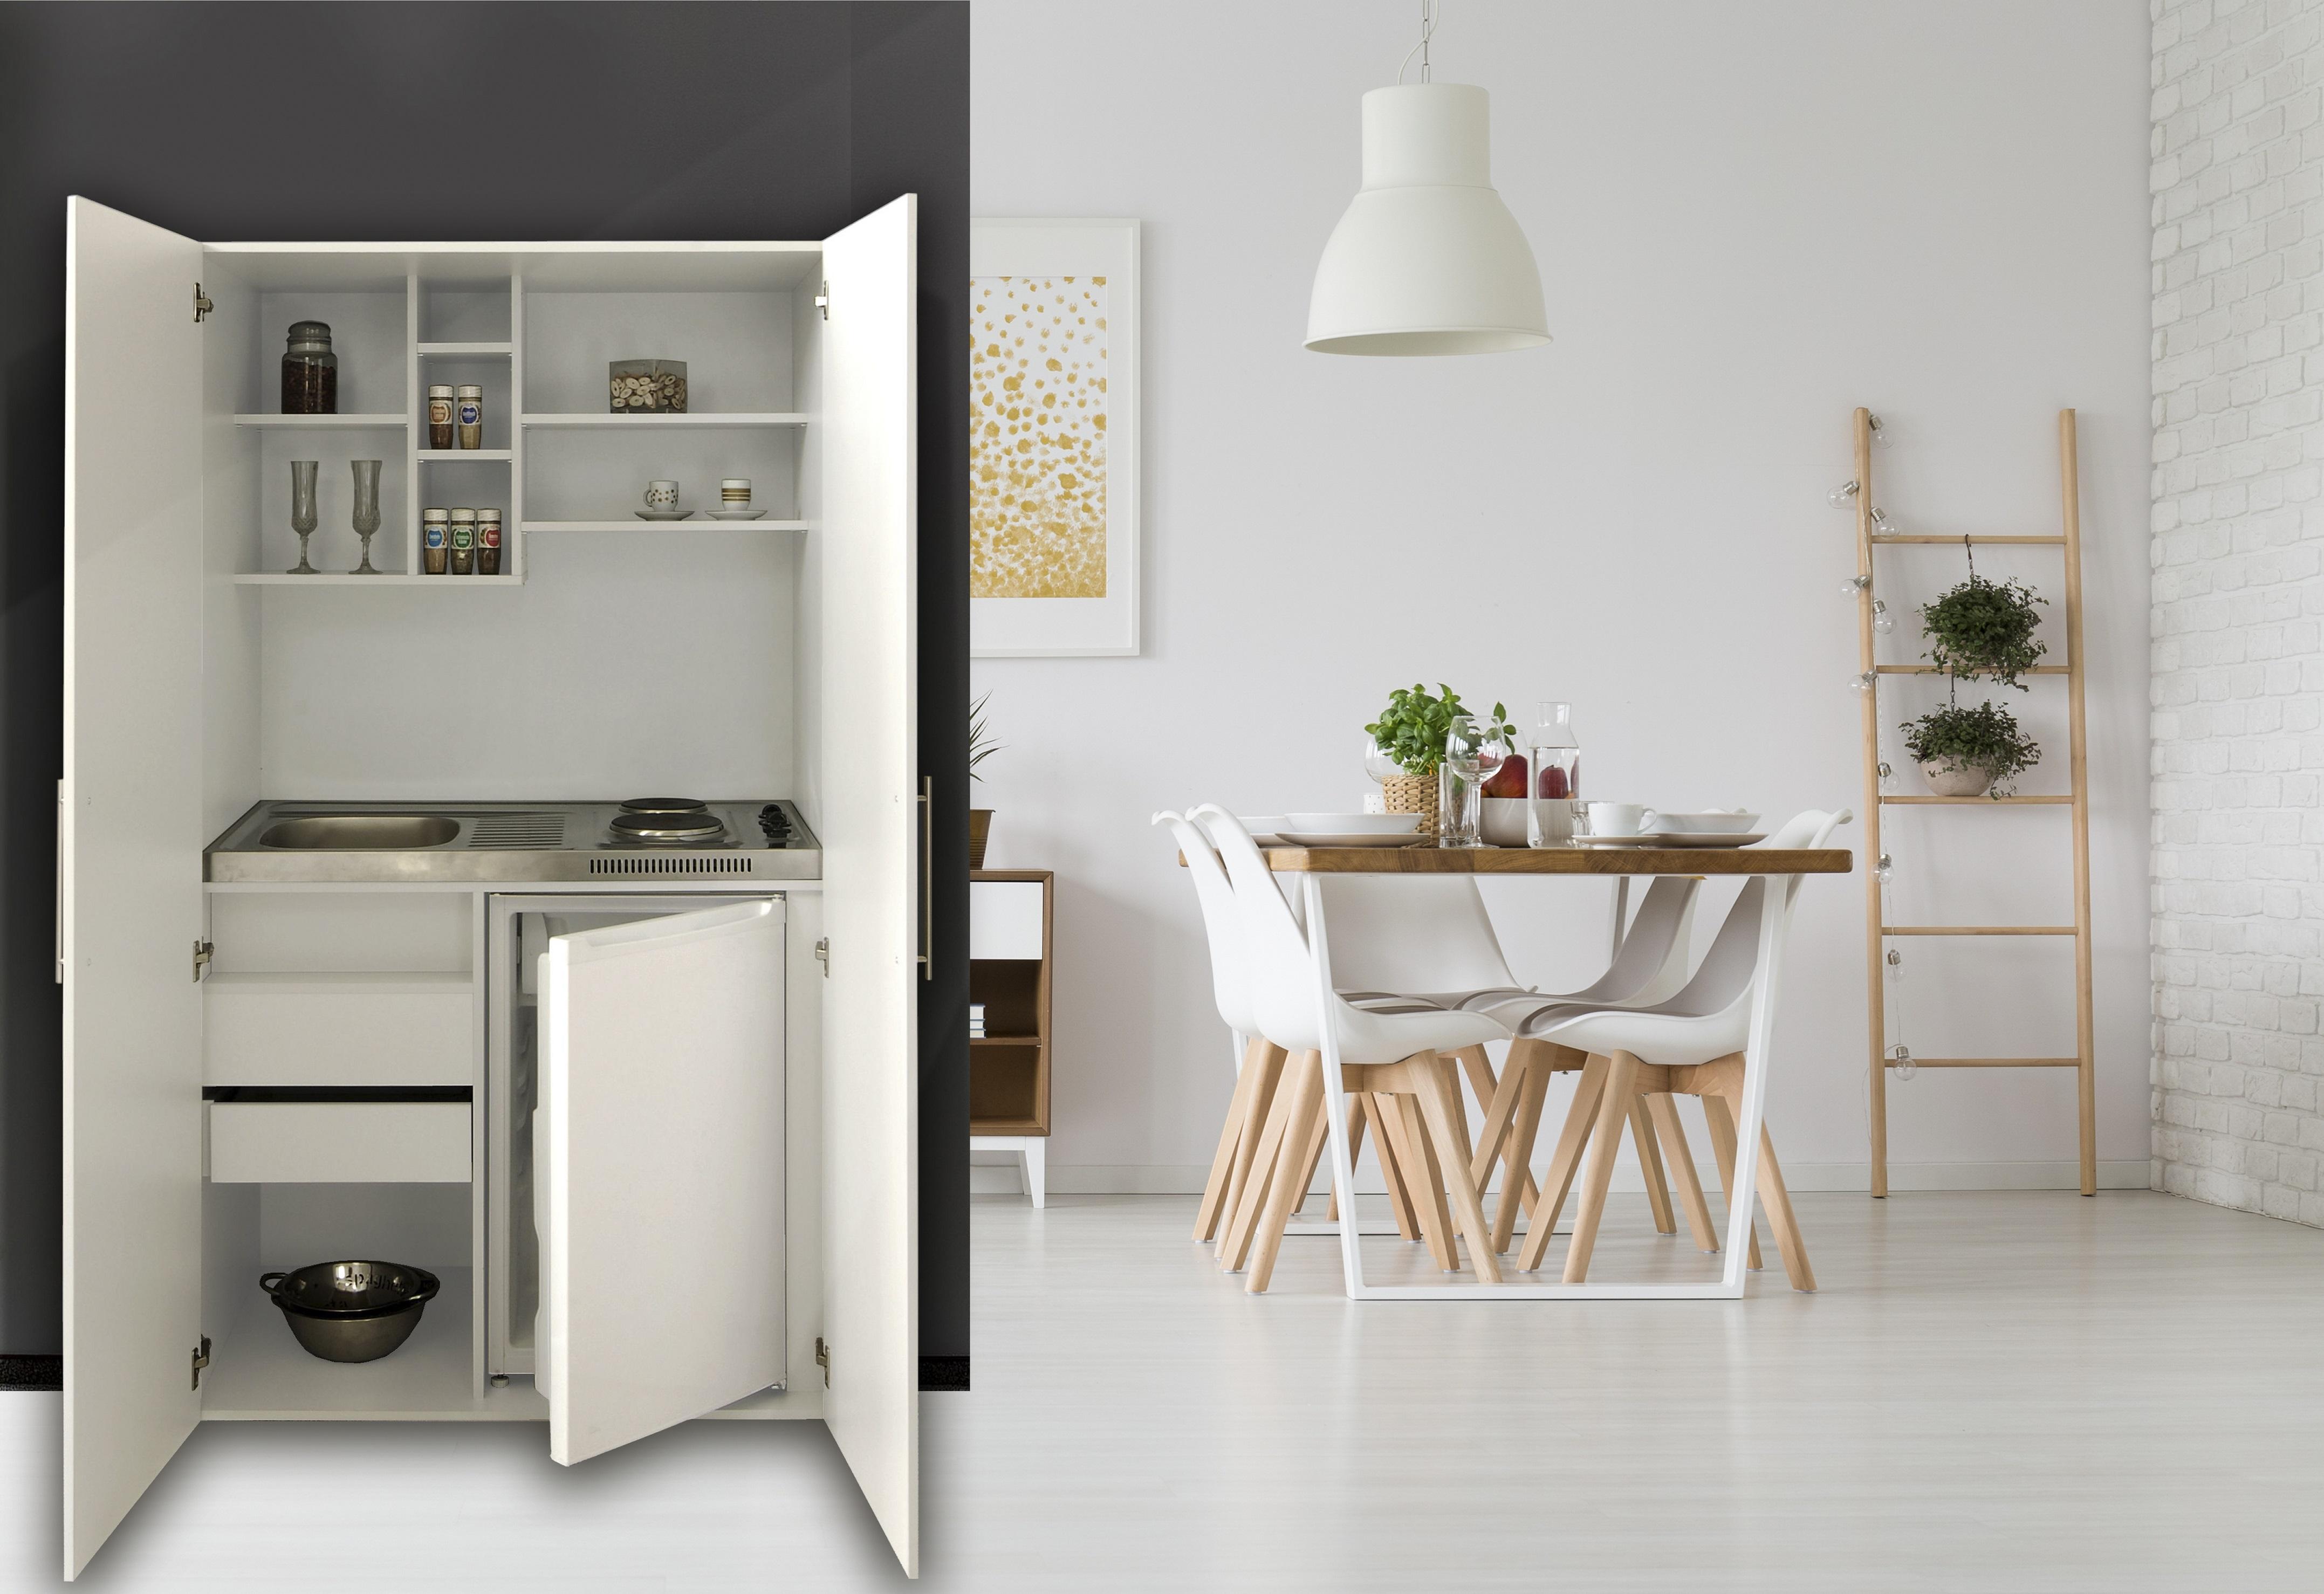 Dettagli su Cucina Armadio Cucina Mini Cucina Cucinino Blocco Cucina Cucina  Singola Bianco